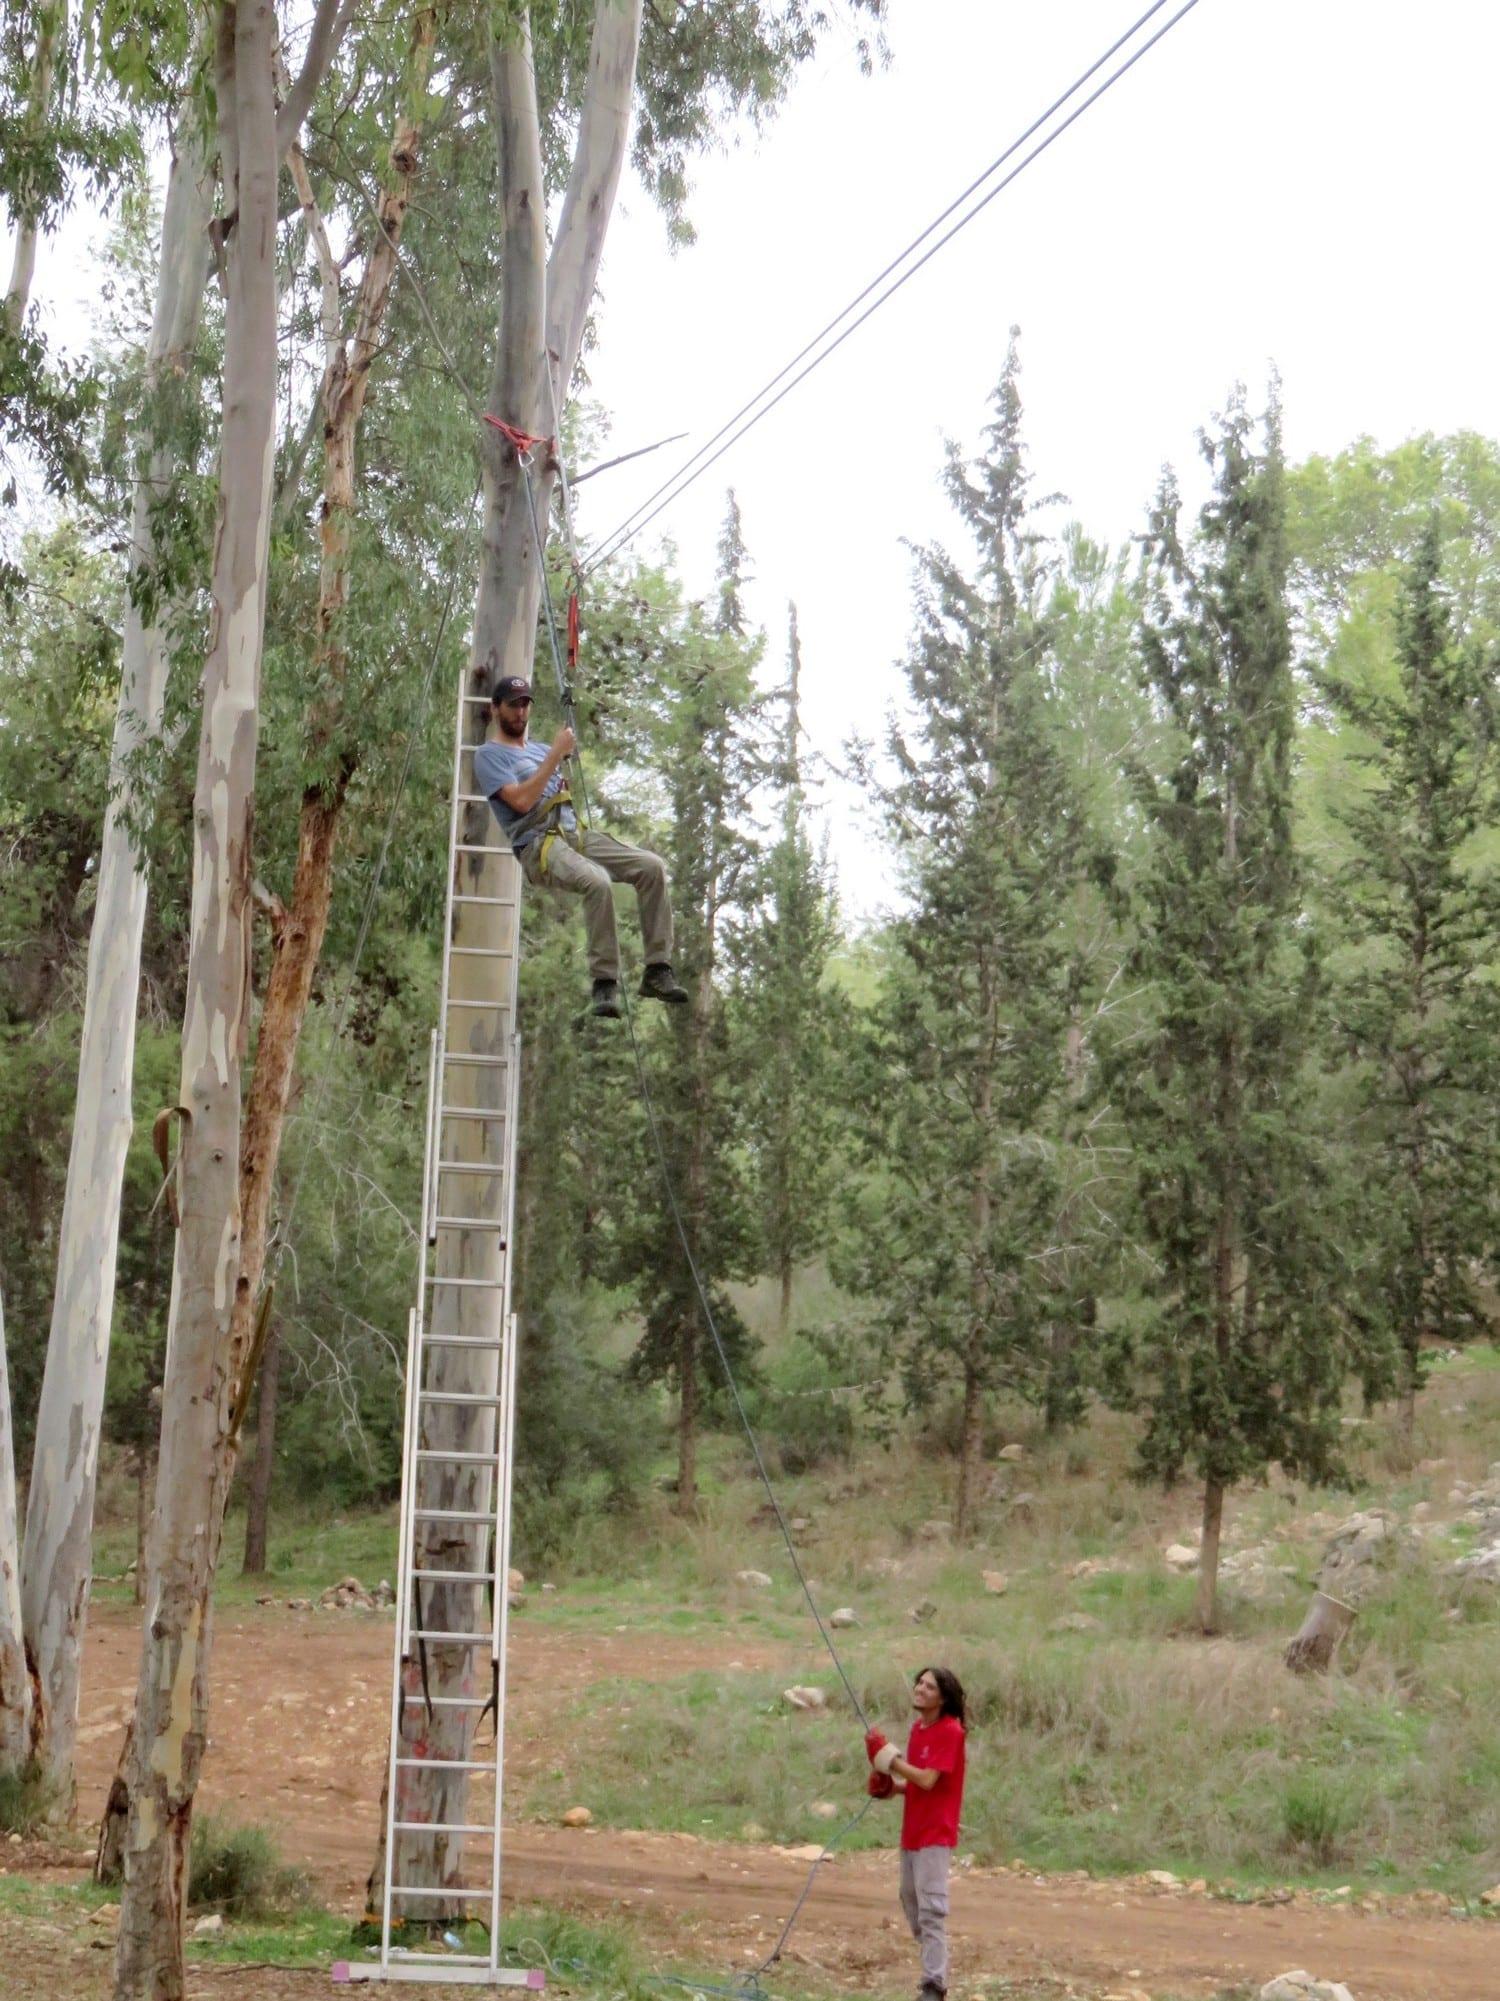 סדנאות מנהלים - משימת אומגה - ערוצים בטבע